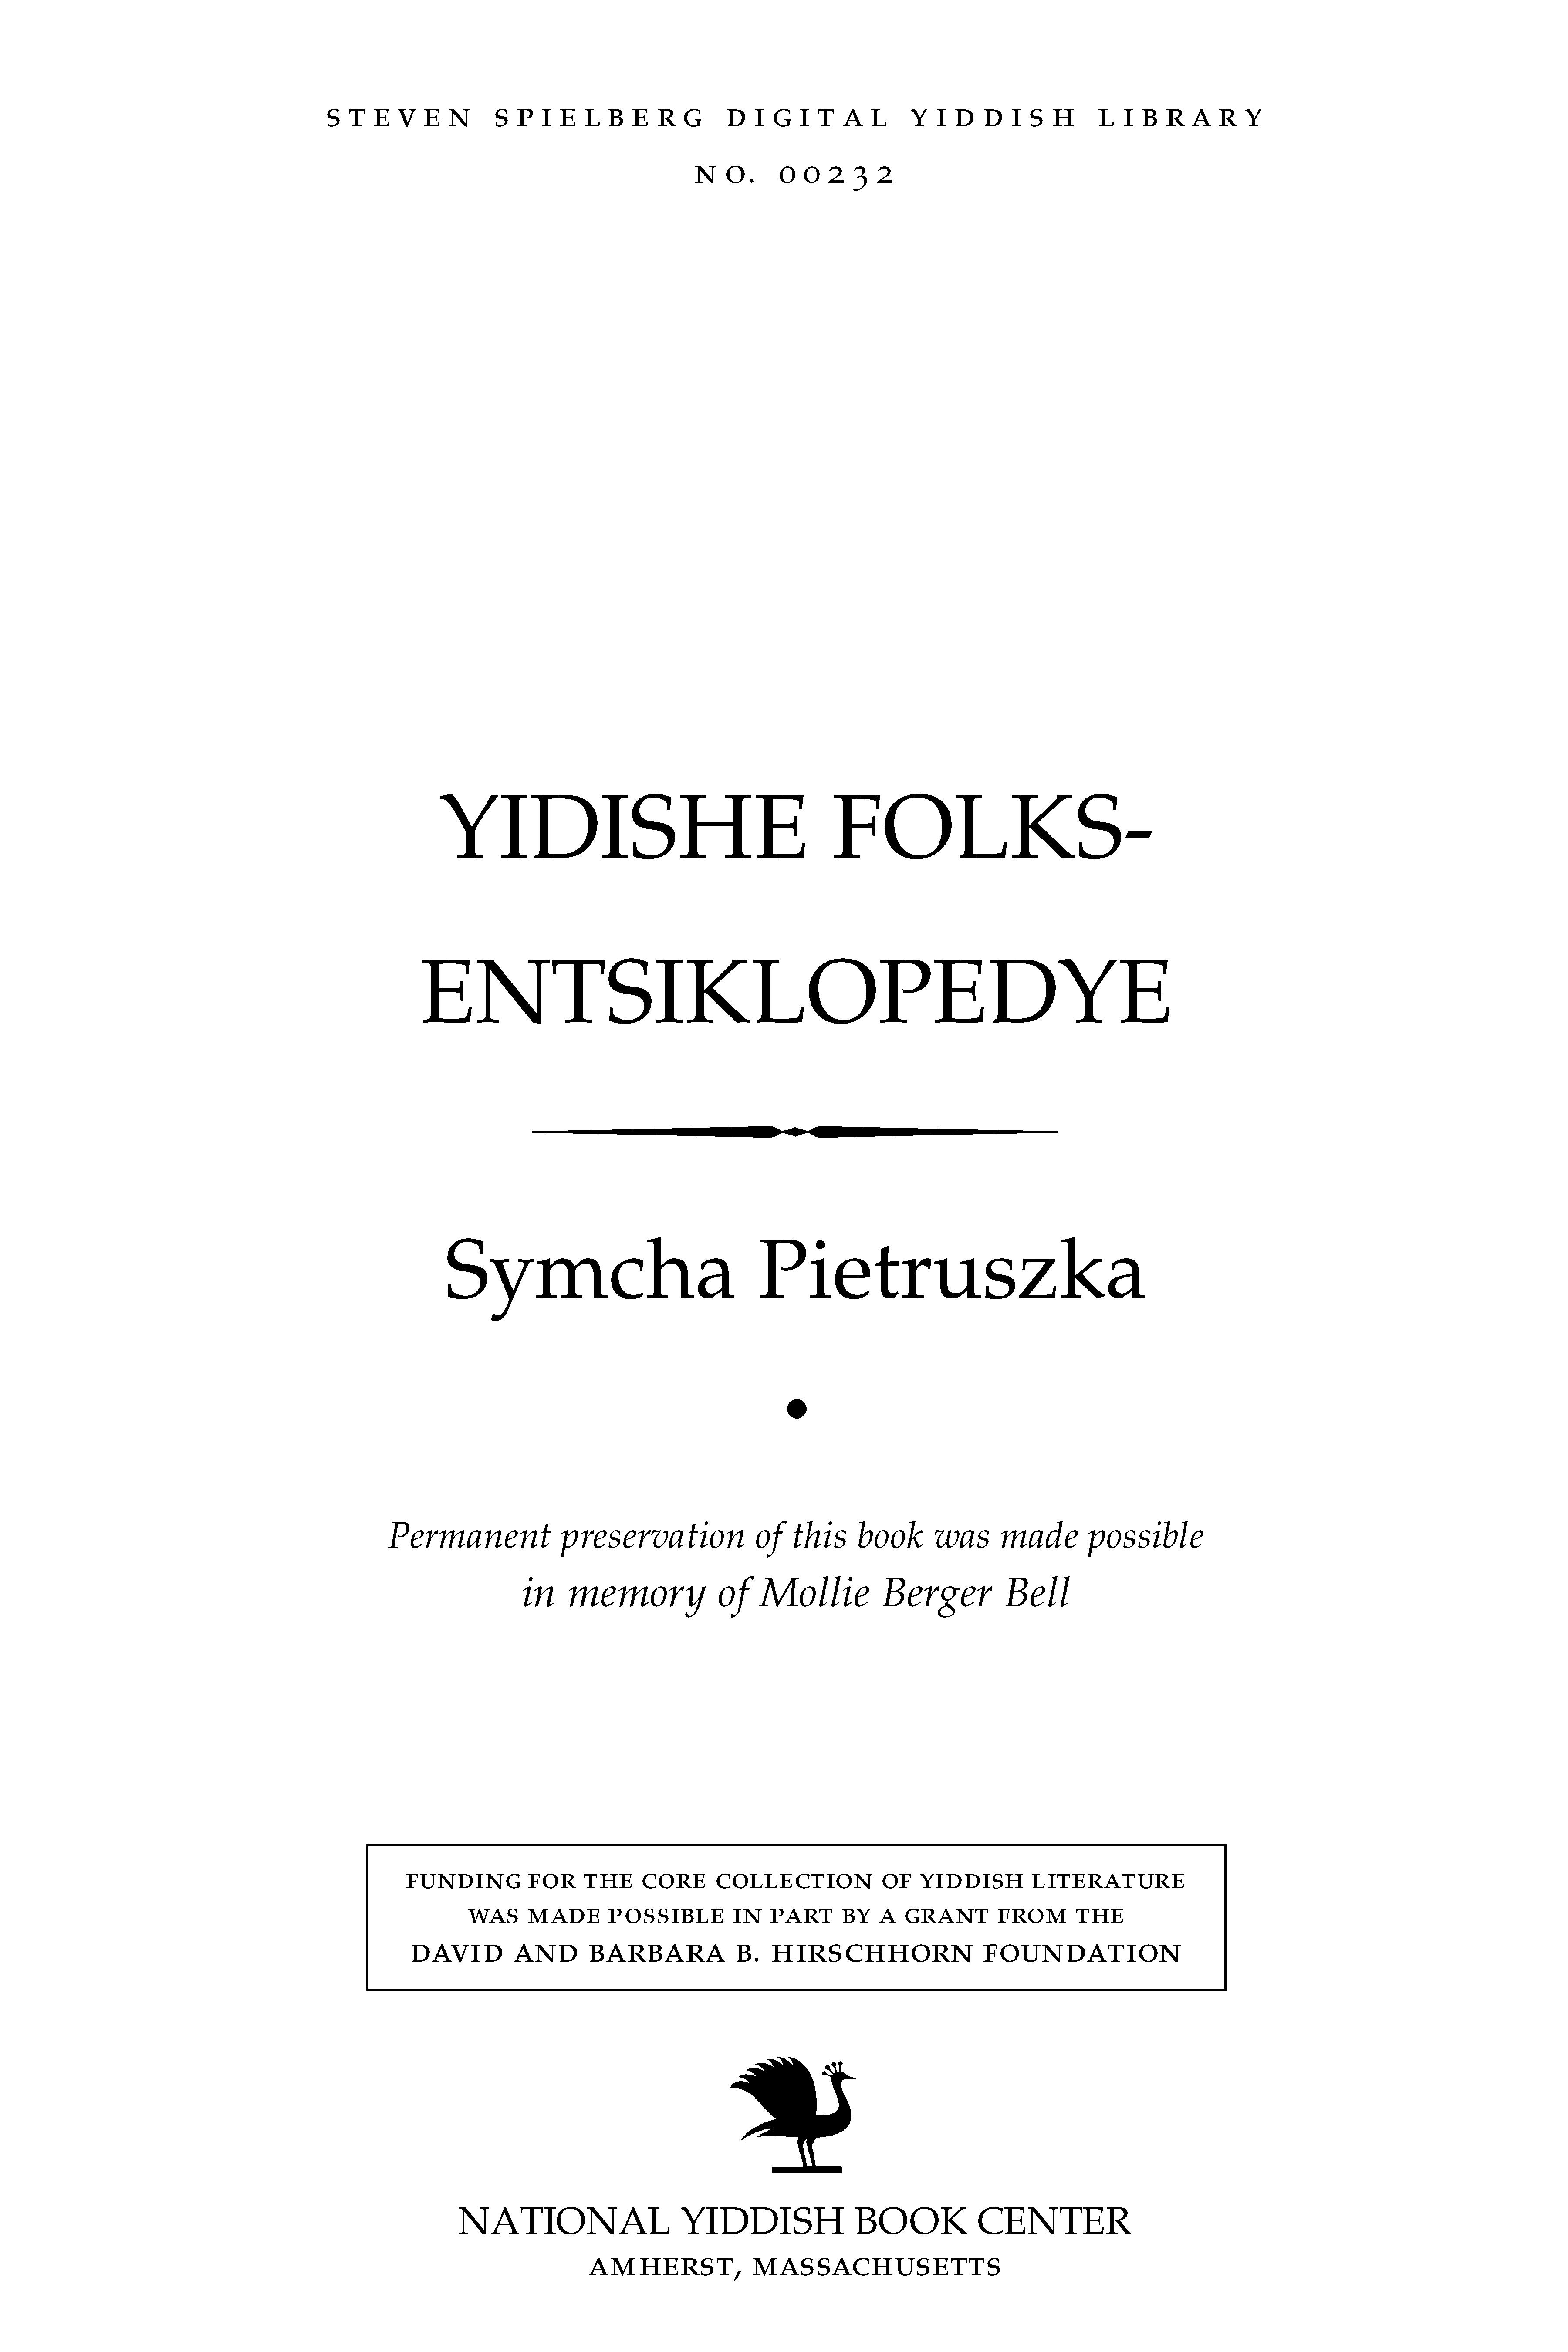 Yidishe folḳs-entsiḳlopedye by Symcha Pietruszka